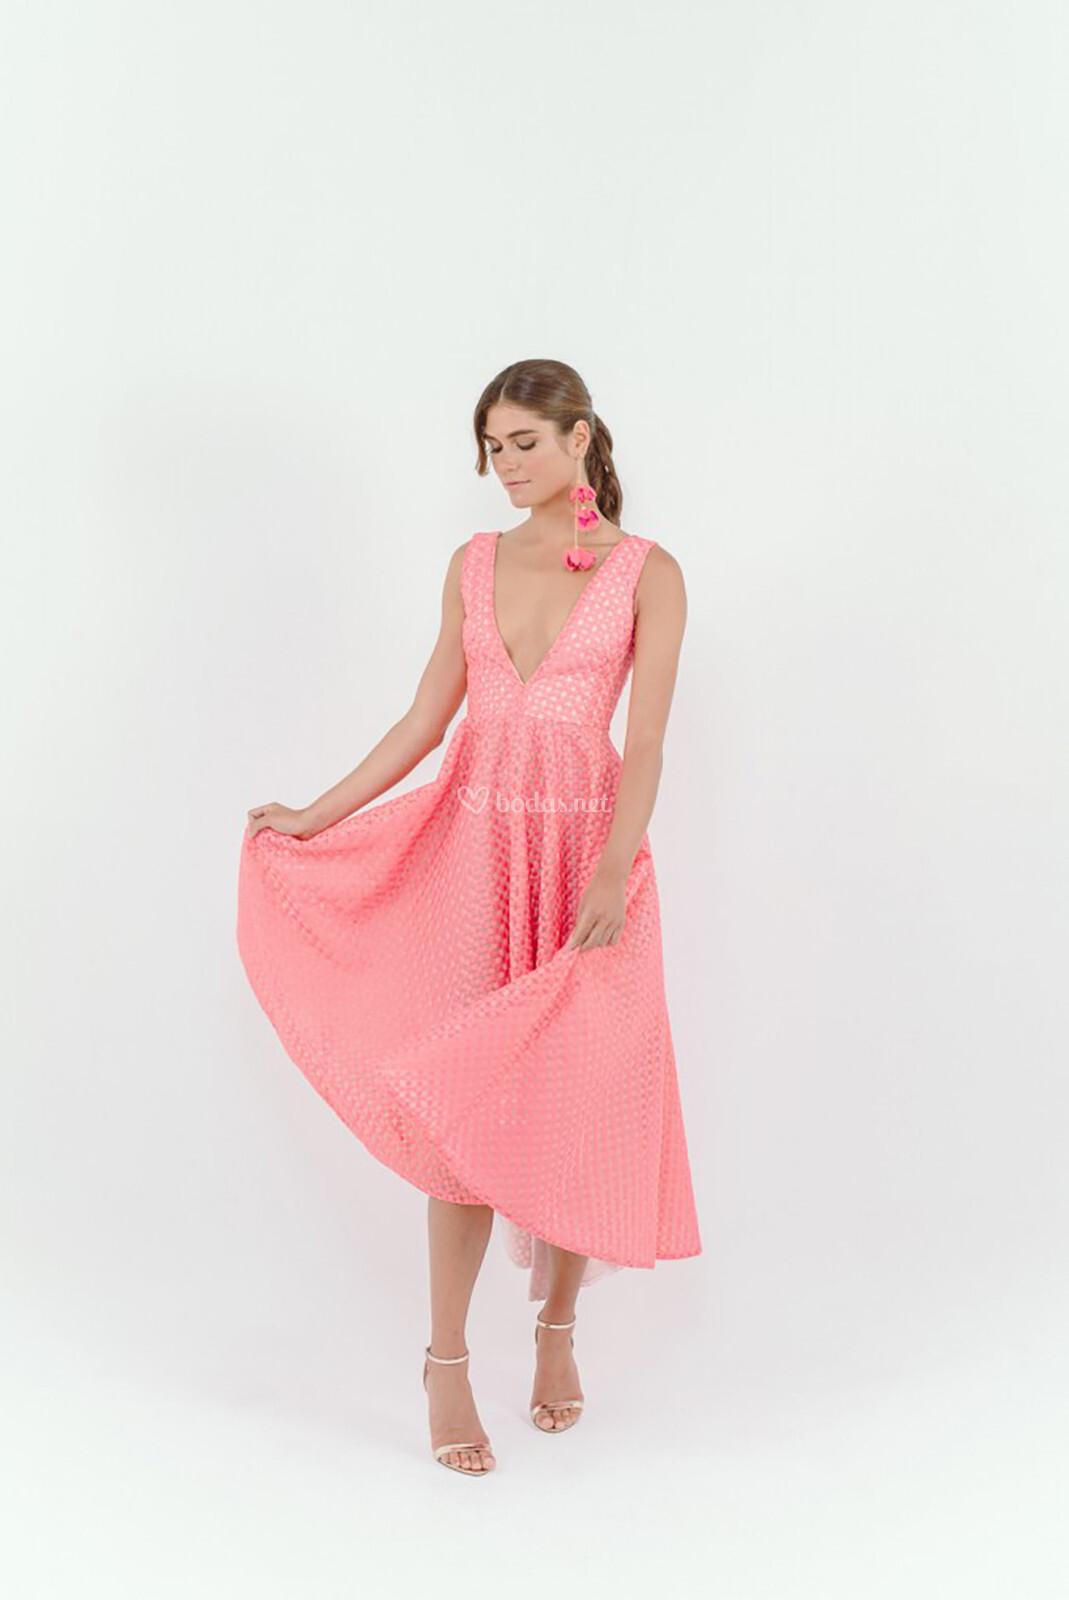 Vestidos de Fiesta de Alicia Rueda Atelier - Página 2 - Bodas.net